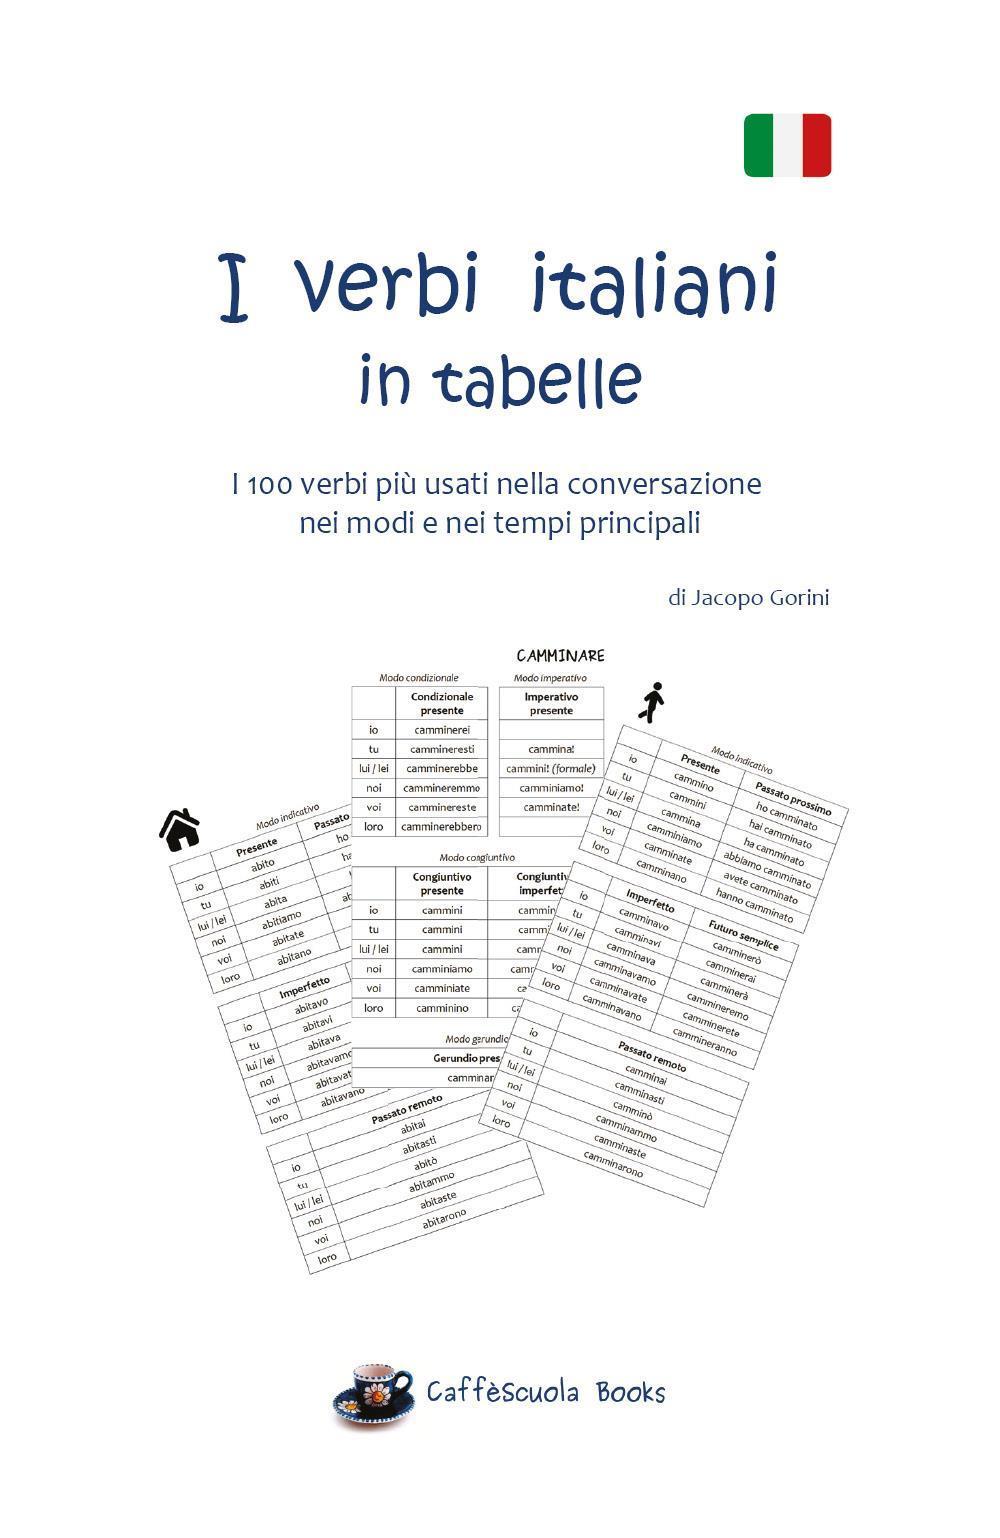 I verbi italiani in tabelle